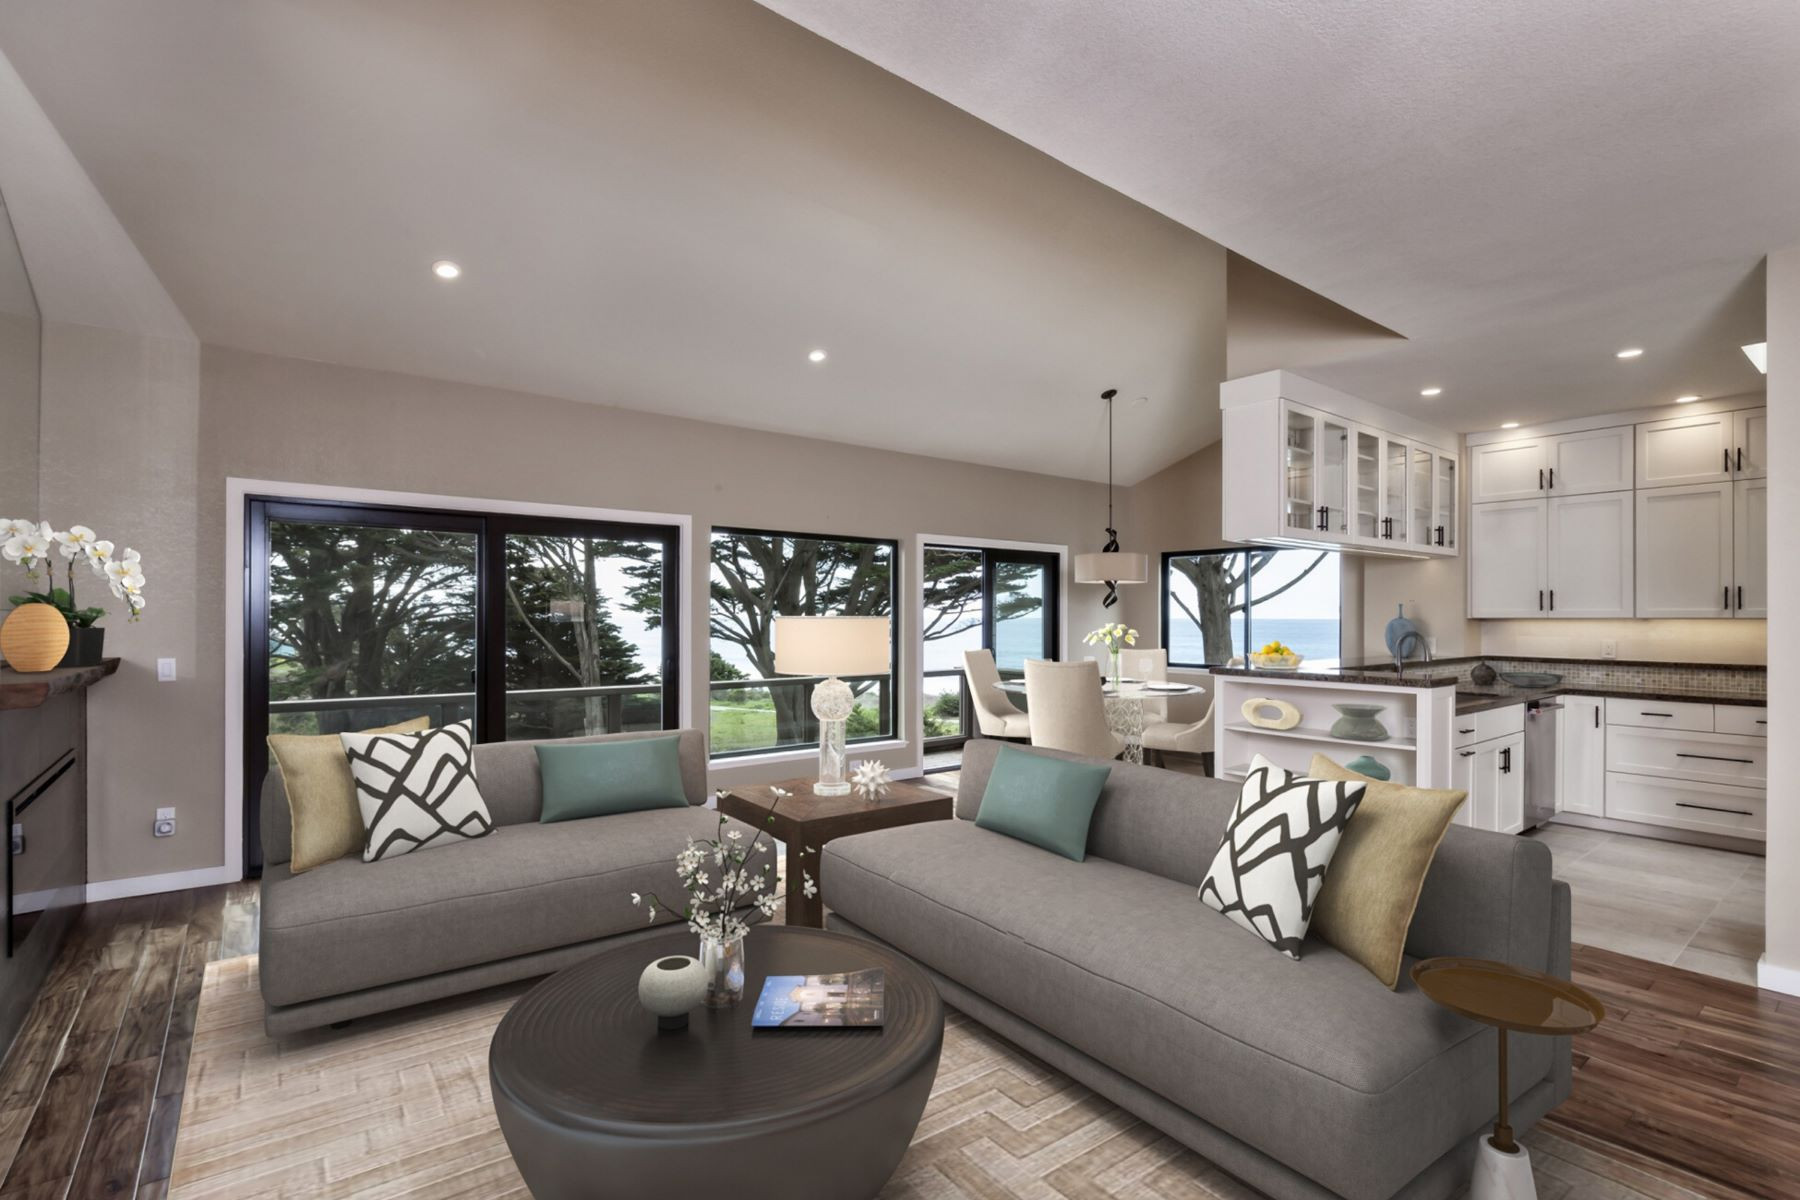 Single Family Homes for Active at Coastal Views Townhouse 26 Mirada Road Half Moon Bay, California 94019 United States